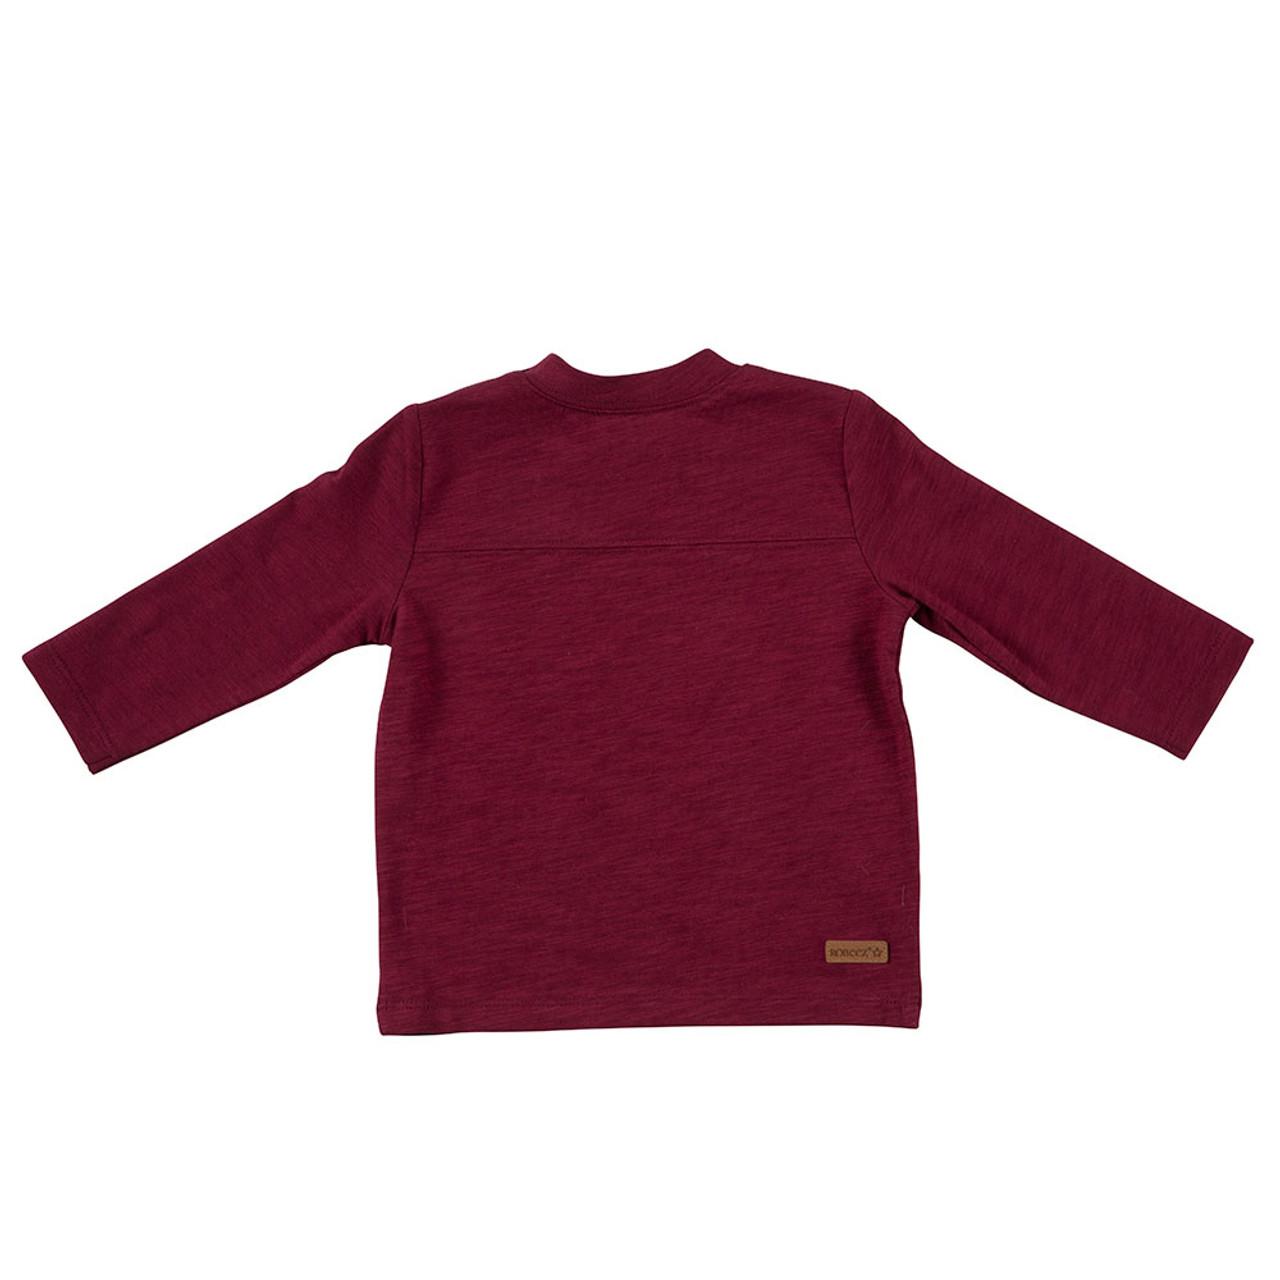 c790d9d8c National Parks Shirt | Shirts | Baby Clothes | Robeez